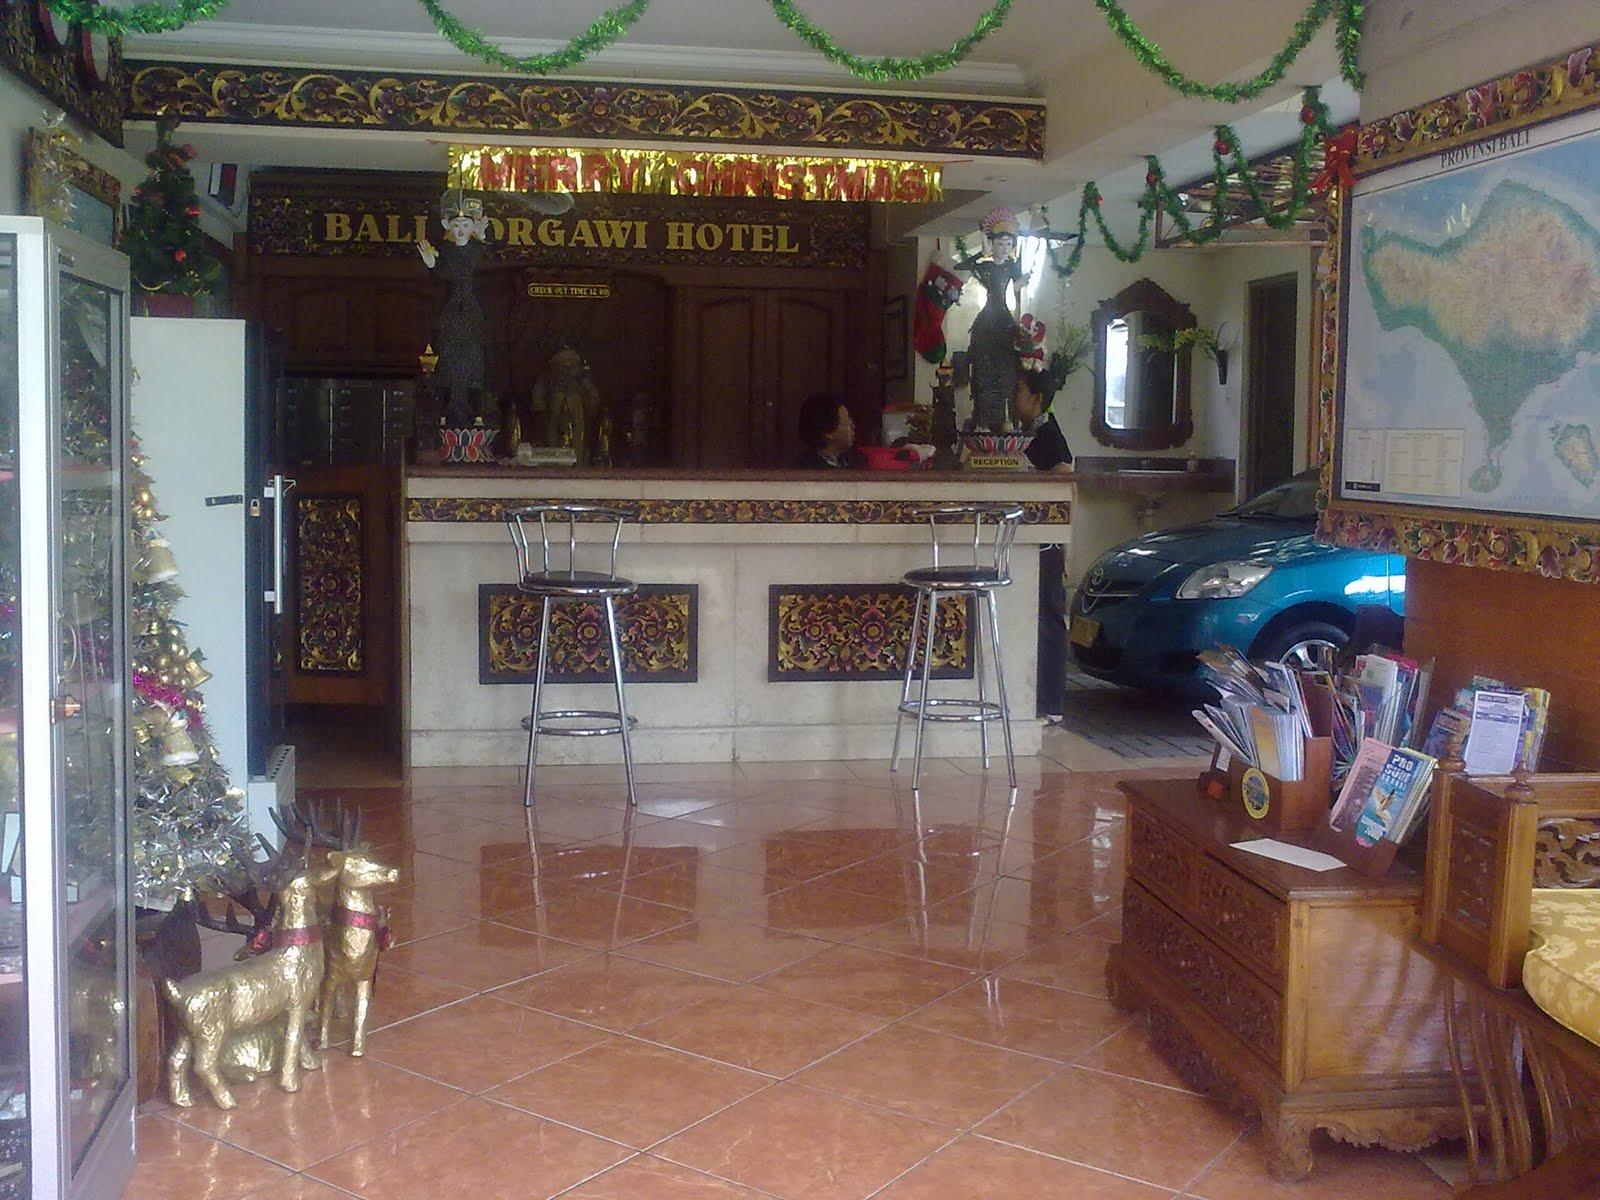 BALI SORGAWI HOTEL - Dec. 2009